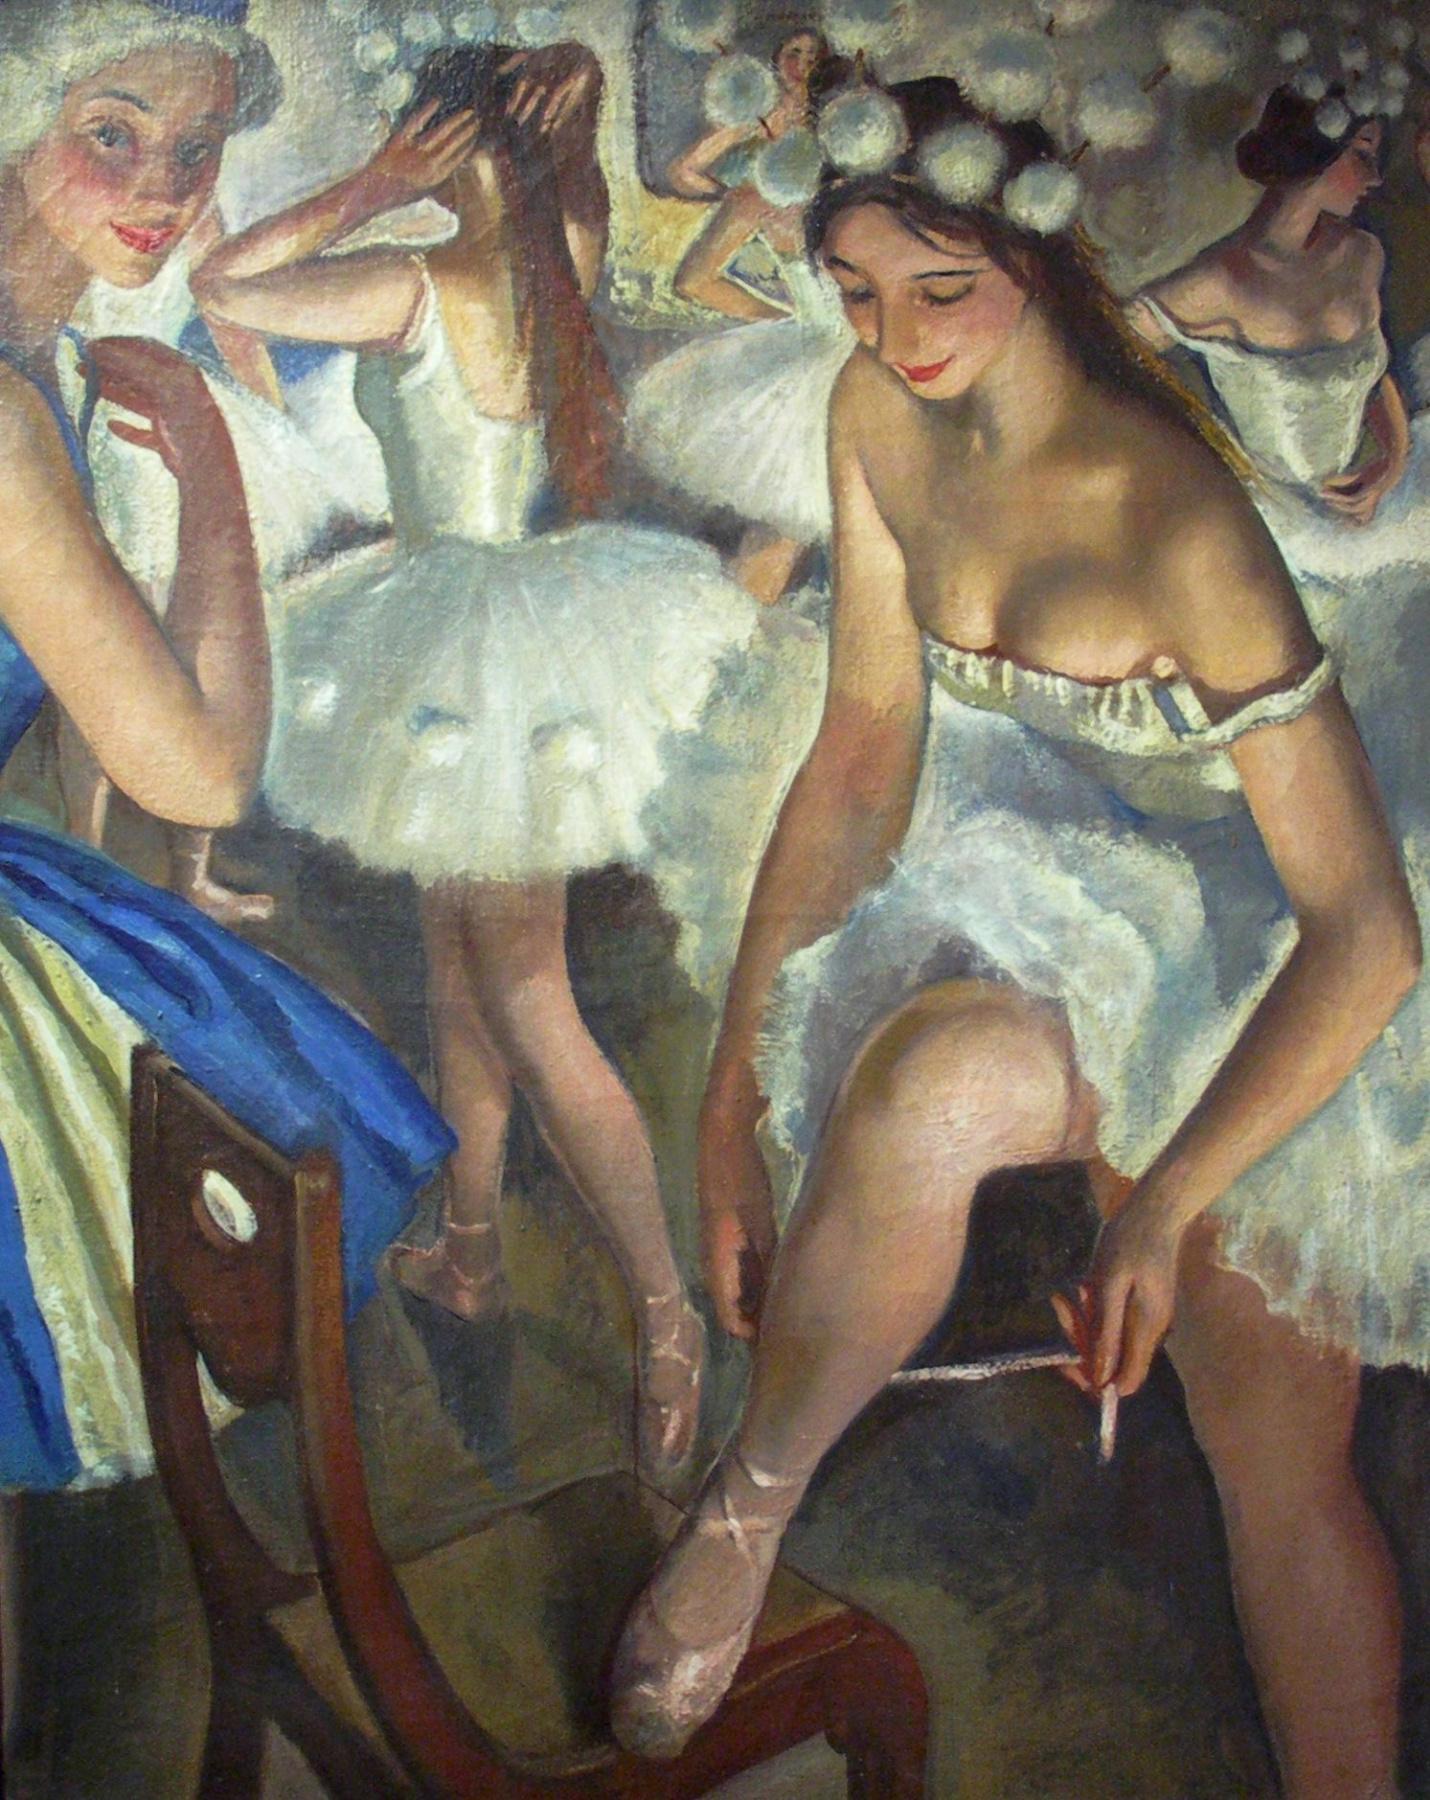 Выставка Зинаиды Серебряковой в Казани: вся жизнь - и будни, и балет